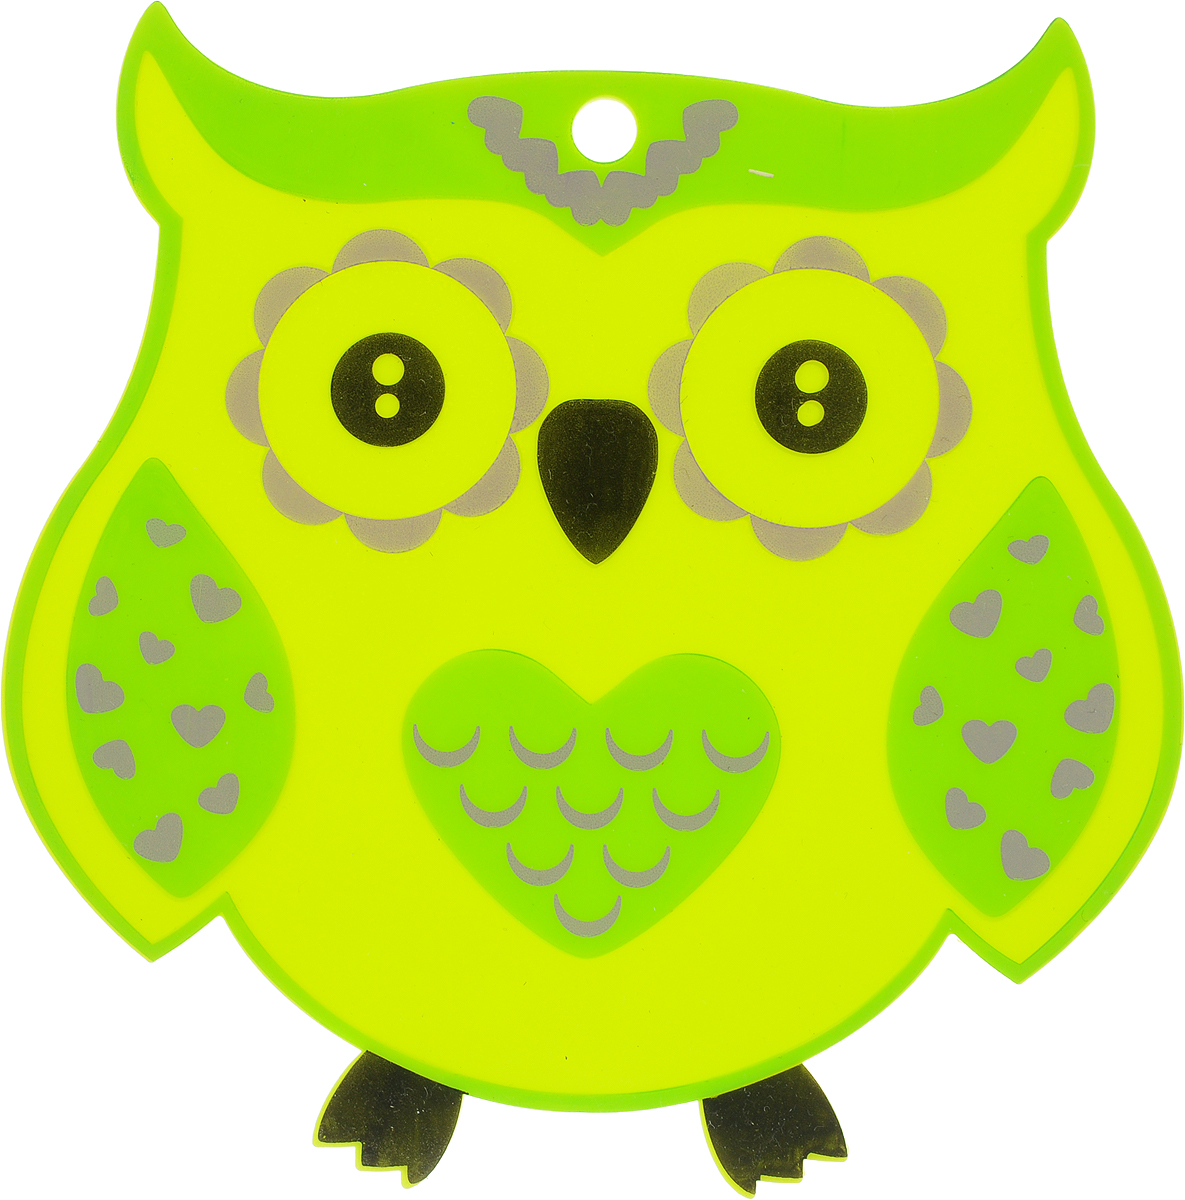 Подставка термостойкая Marmiton Сова, силиконовая, цвет: салатовый, 18,5 х 18,5 см салфетка для сервировки стола marmiton термостойкая подставка складная marmiton красный 21 6х21 6х1 см